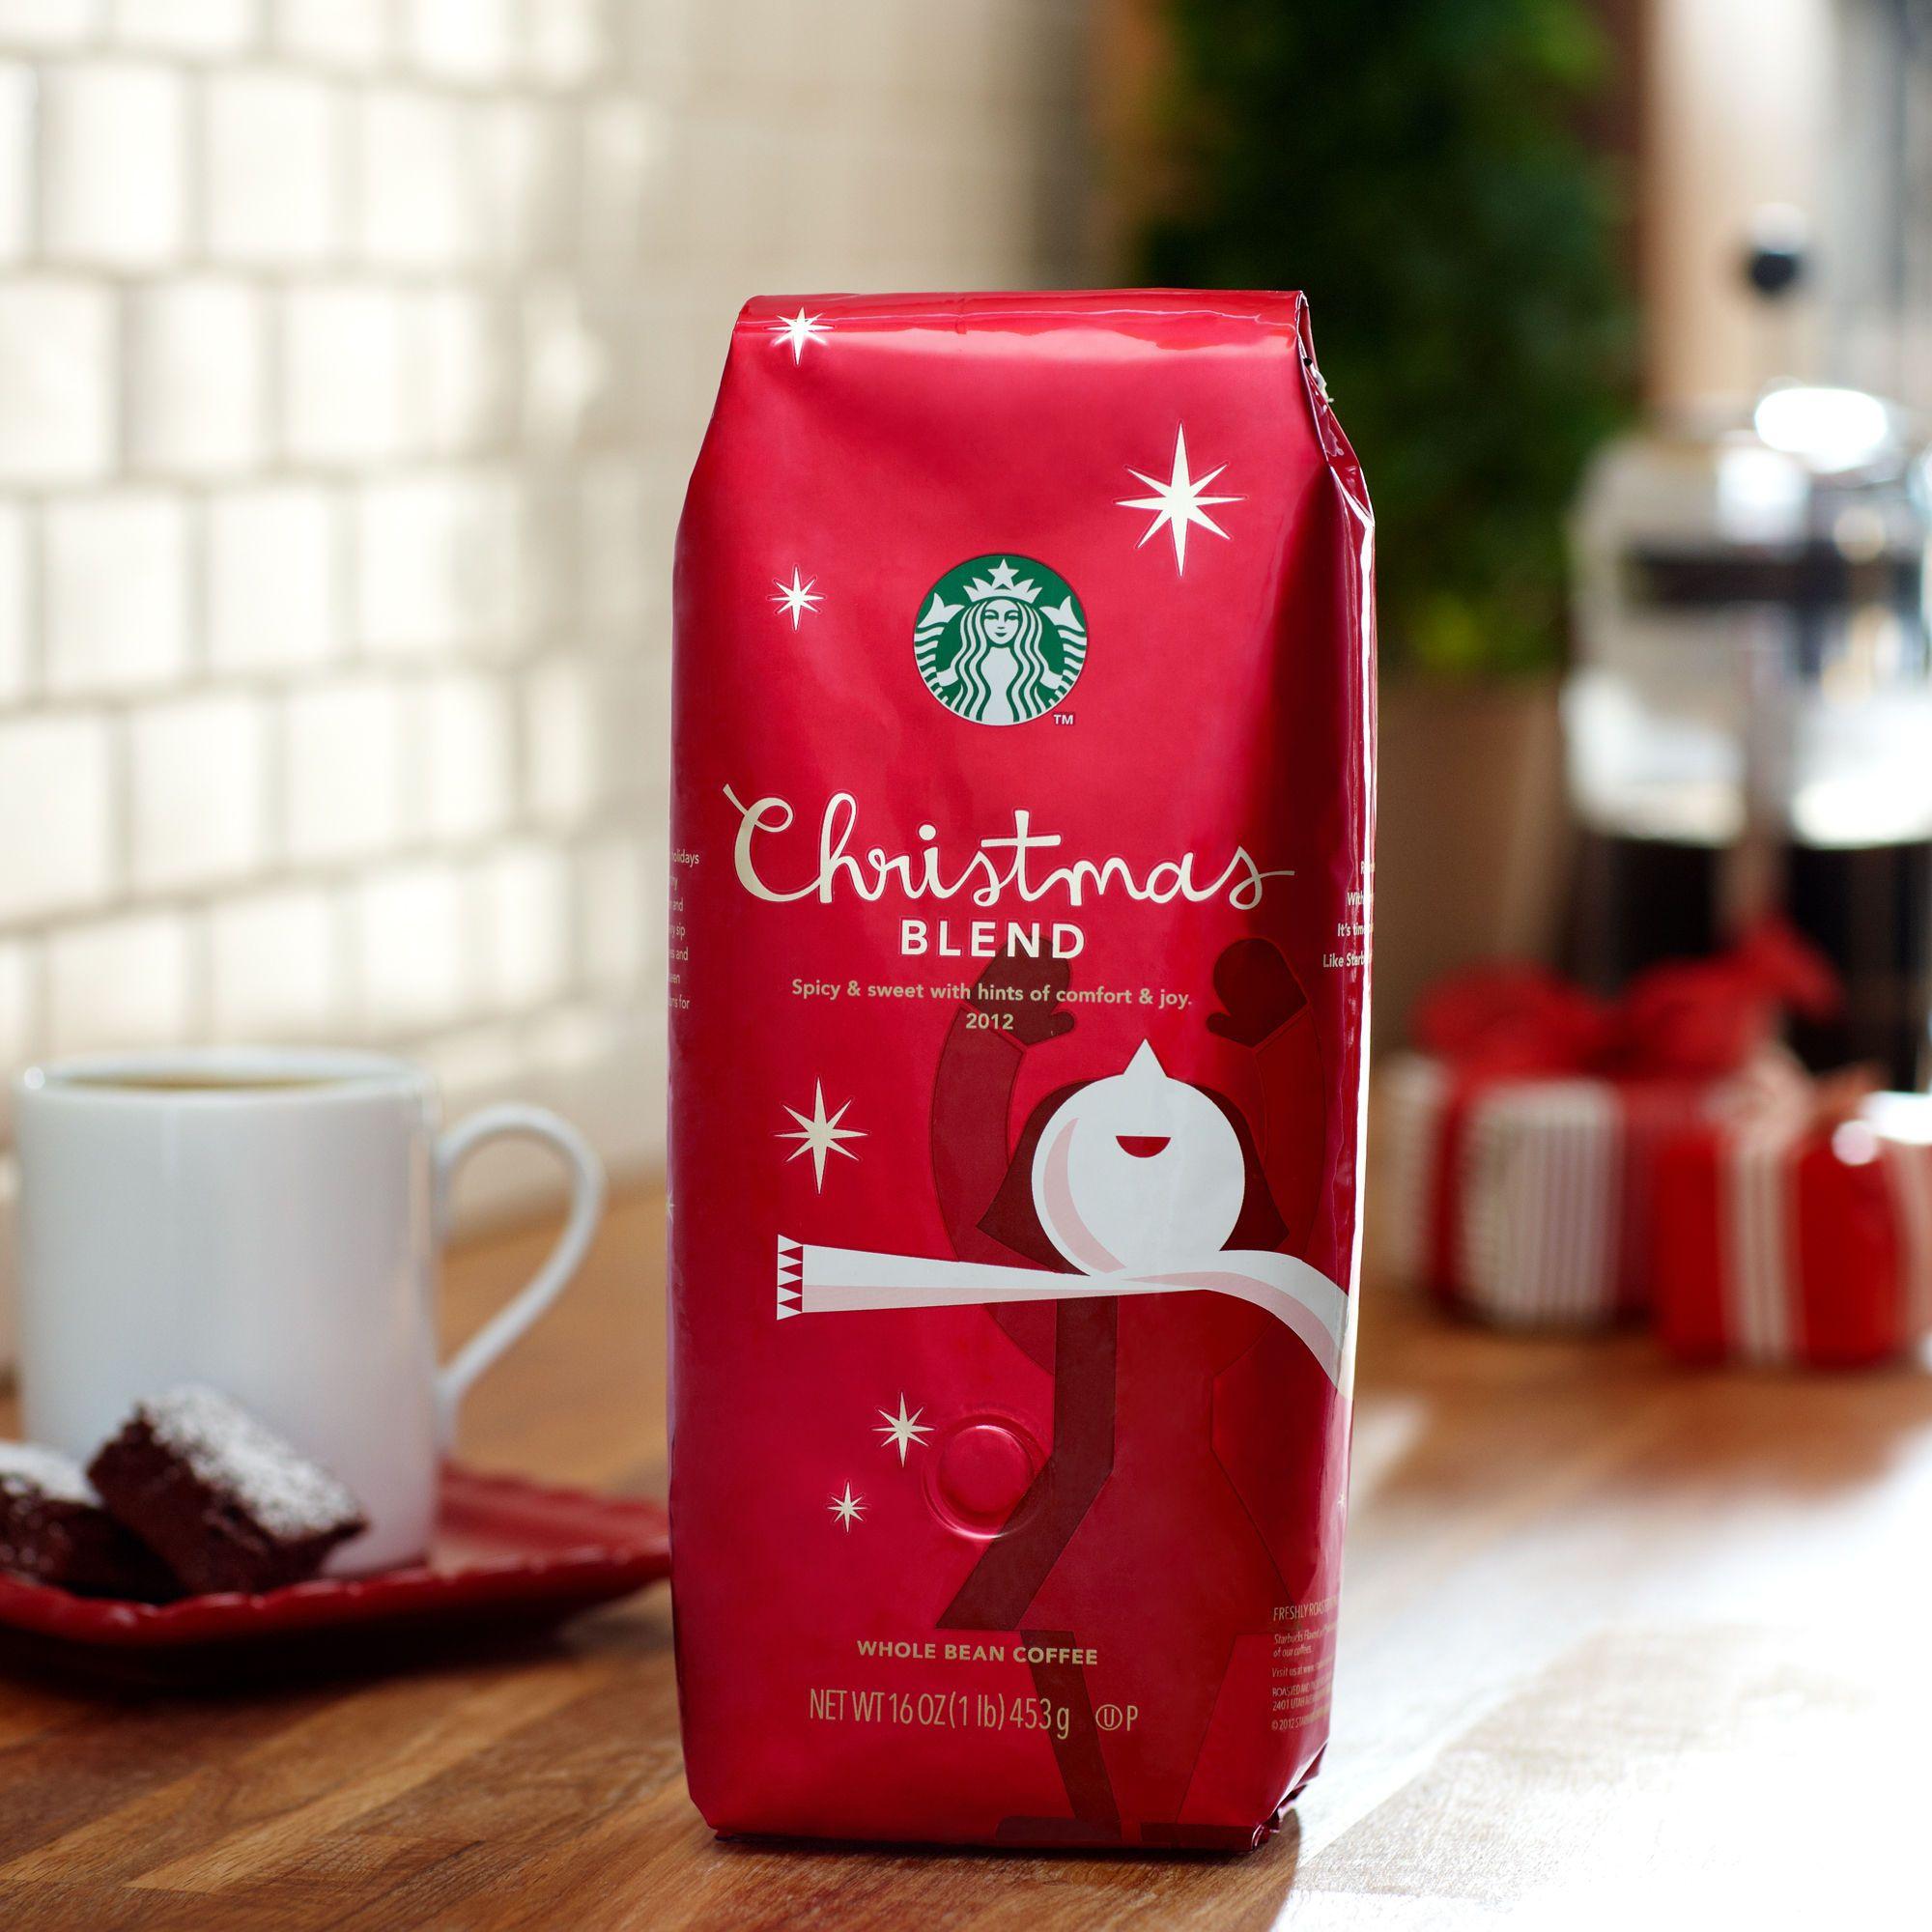 Starbucks® Christmas Blend Starbucks christmas